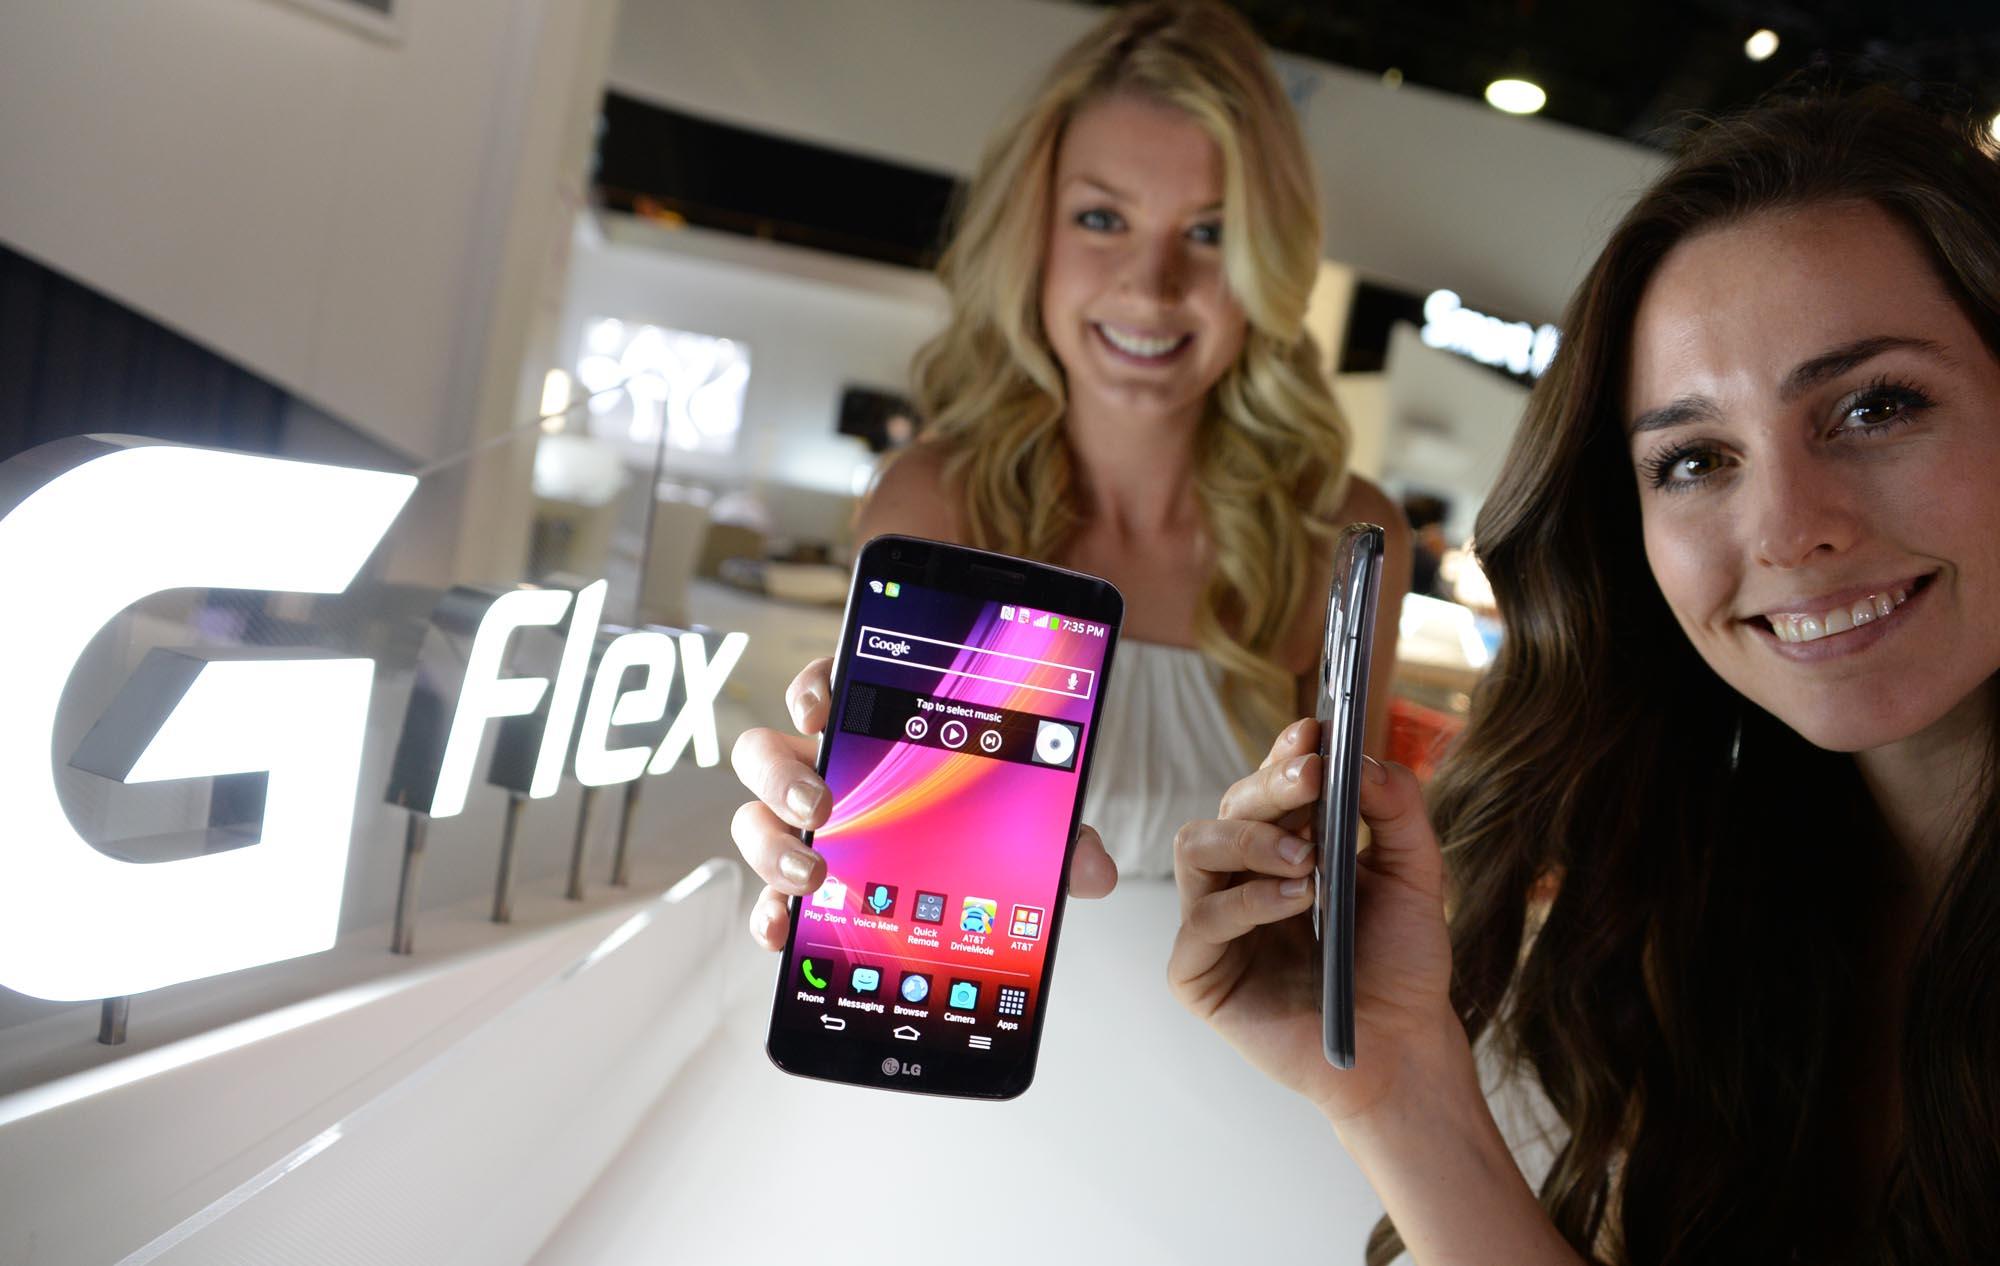 Глубину творческого кризиса, в котором оказалась индустрия мобильных устройств, можно оценить по такому факту: уже какое-то время производители заняты поиском не задач, решаемых с помощью технологий, а только красивых технологий, пусть даже без вразумительного объяснения, для чего они могут пригодиться. Возьмите те же гибкие дисплеи и корпуса (здесь: LG Flex). Красиво? Пожалуй. Но для чего?